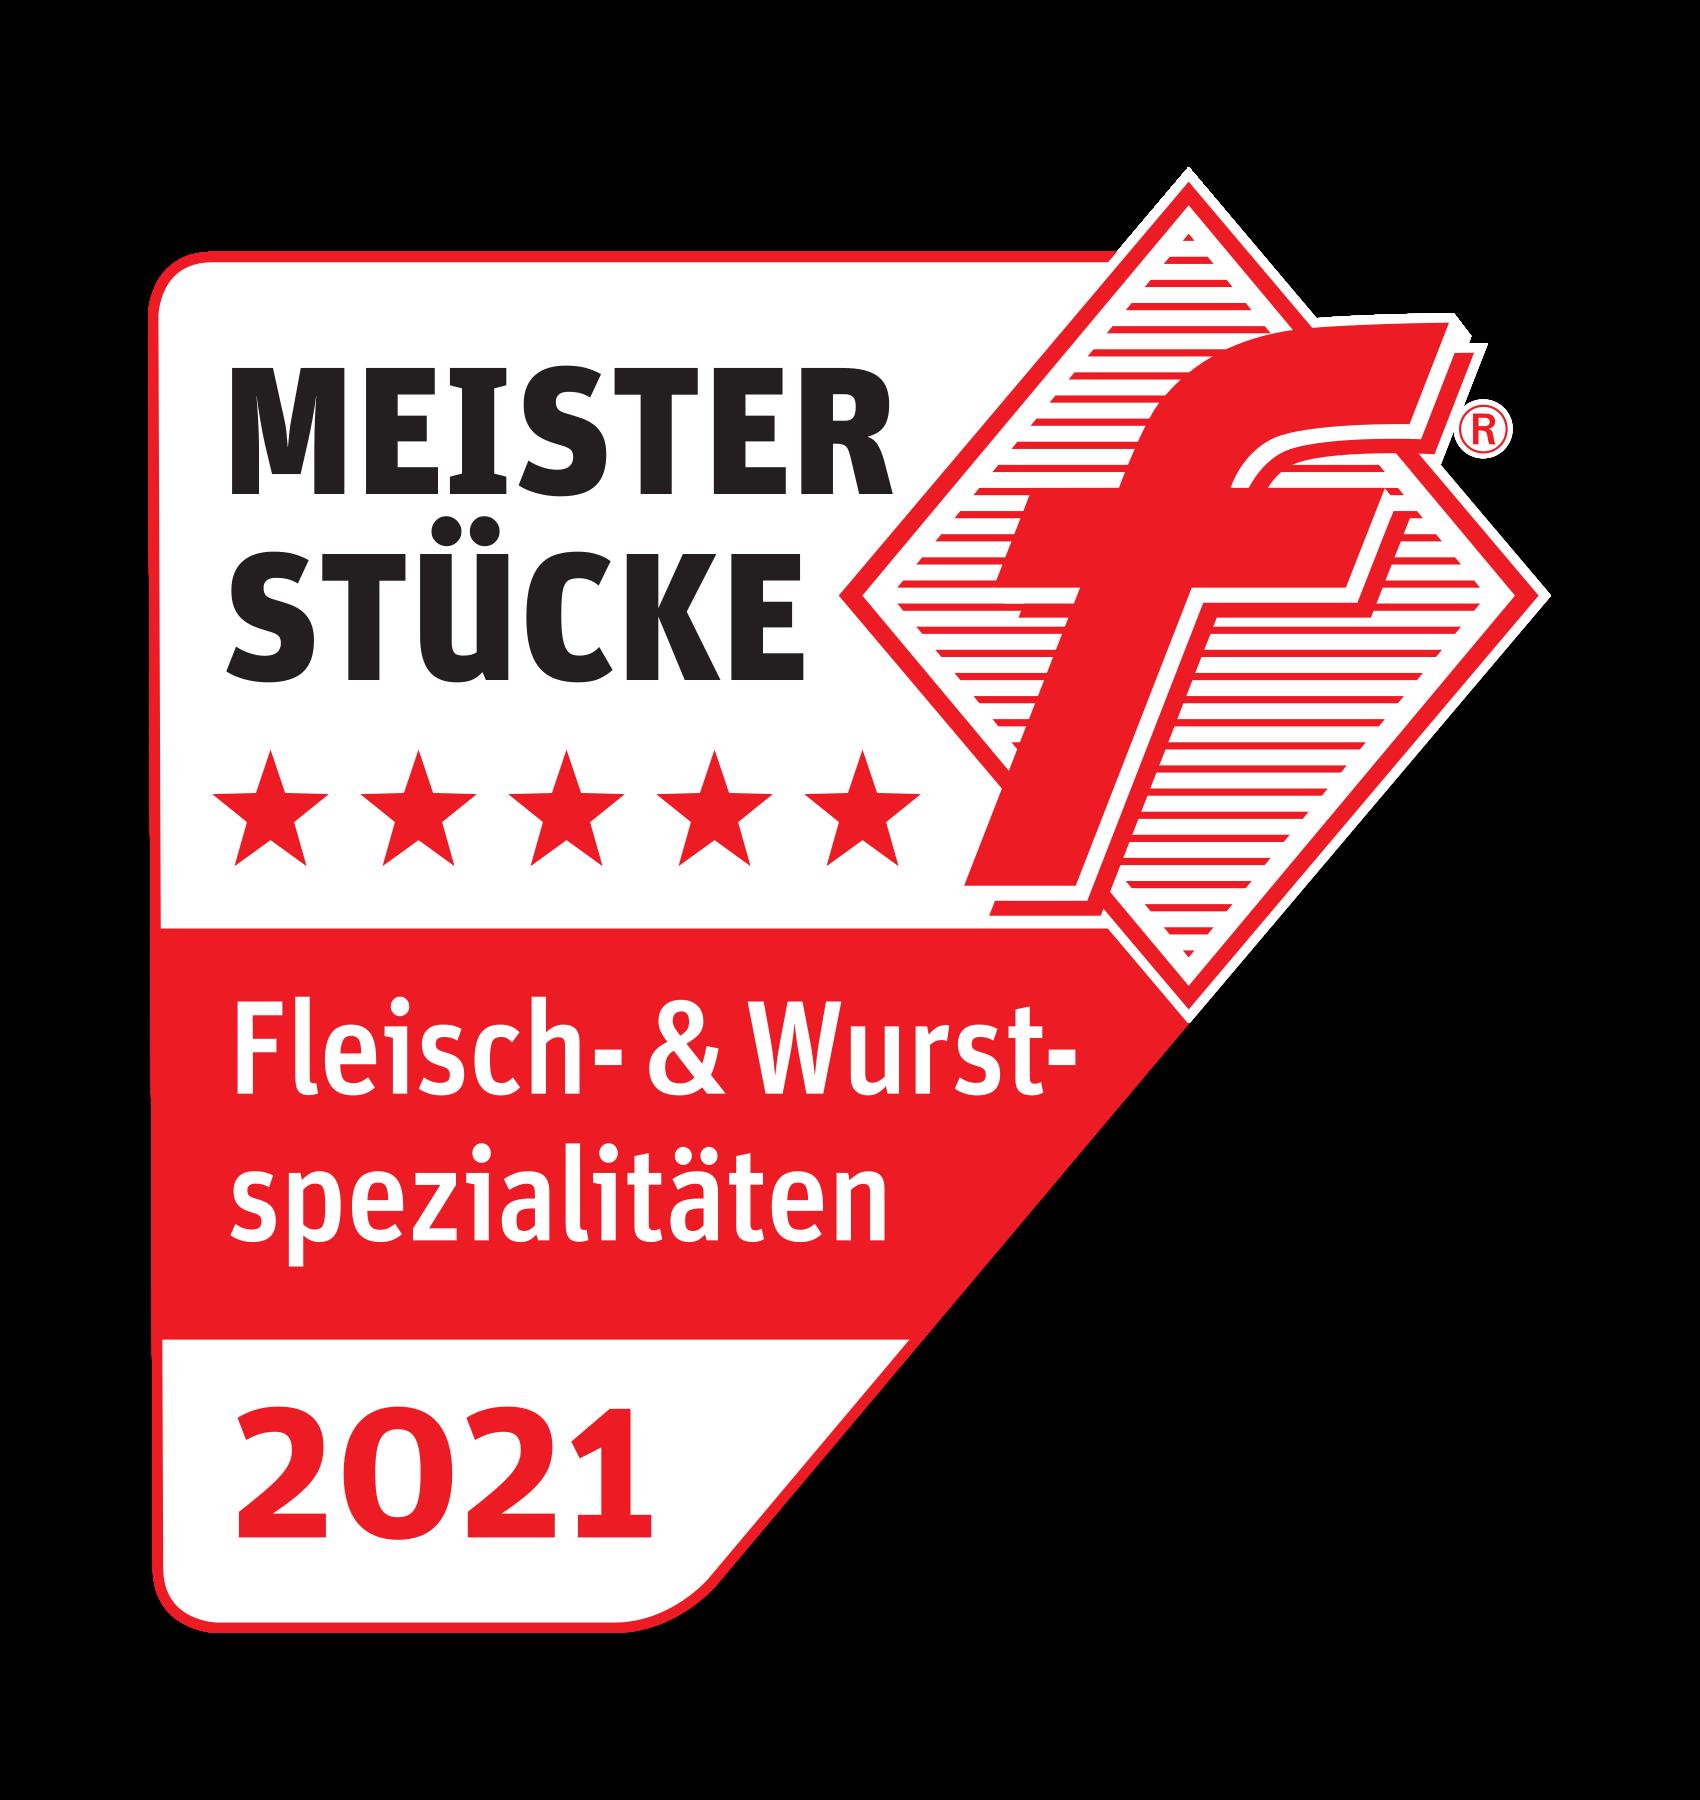 Fleisch- und Wurstspezialitäten Pokal, Auszeichnung, Werner